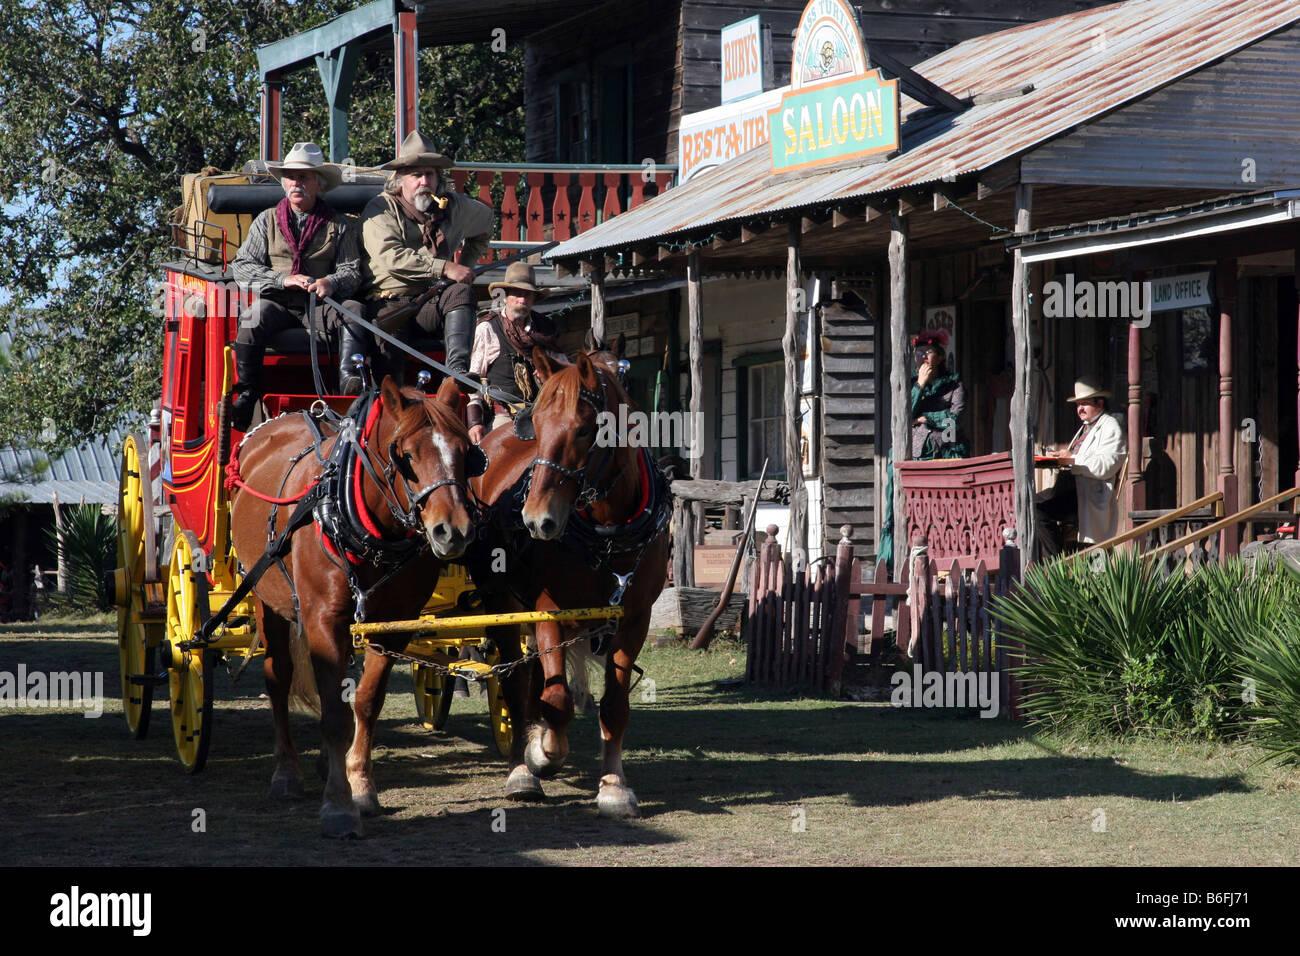 Deux cowboys conduisant le Butterfield Overland Stage Coach à travers une vieille ville de l'ouest Banque D'Images